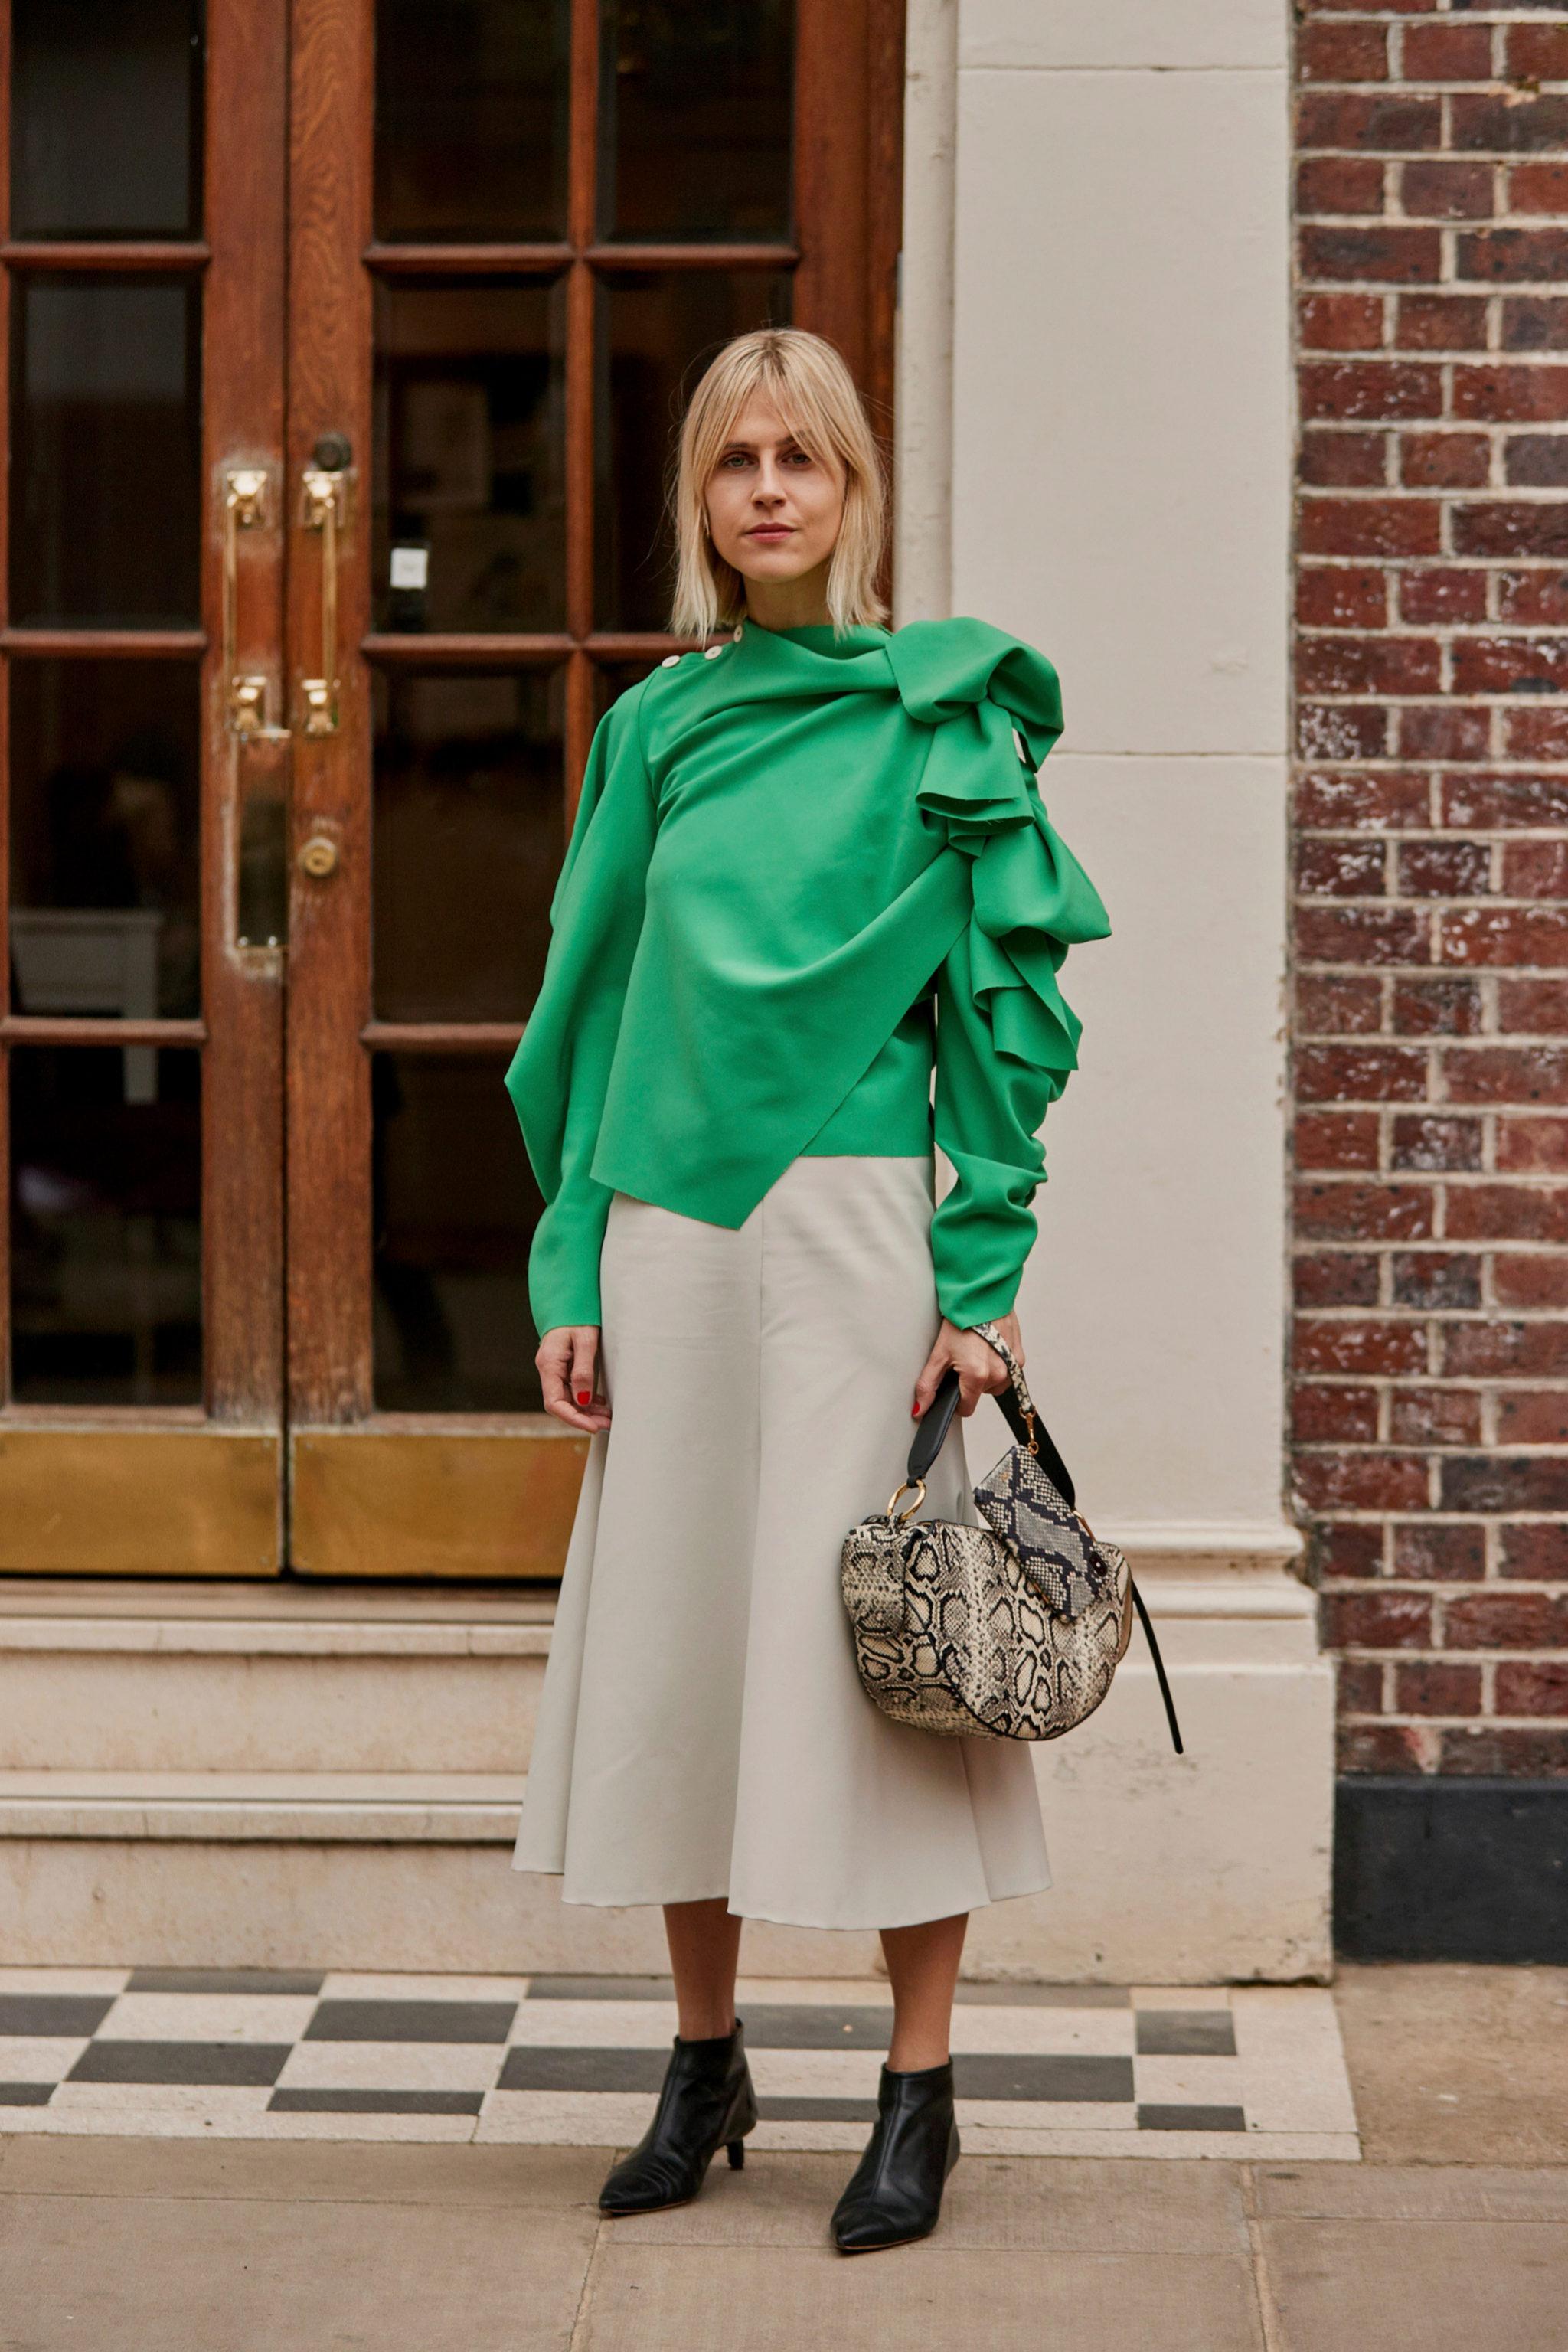 Falda midi vista en el street style de Londres.